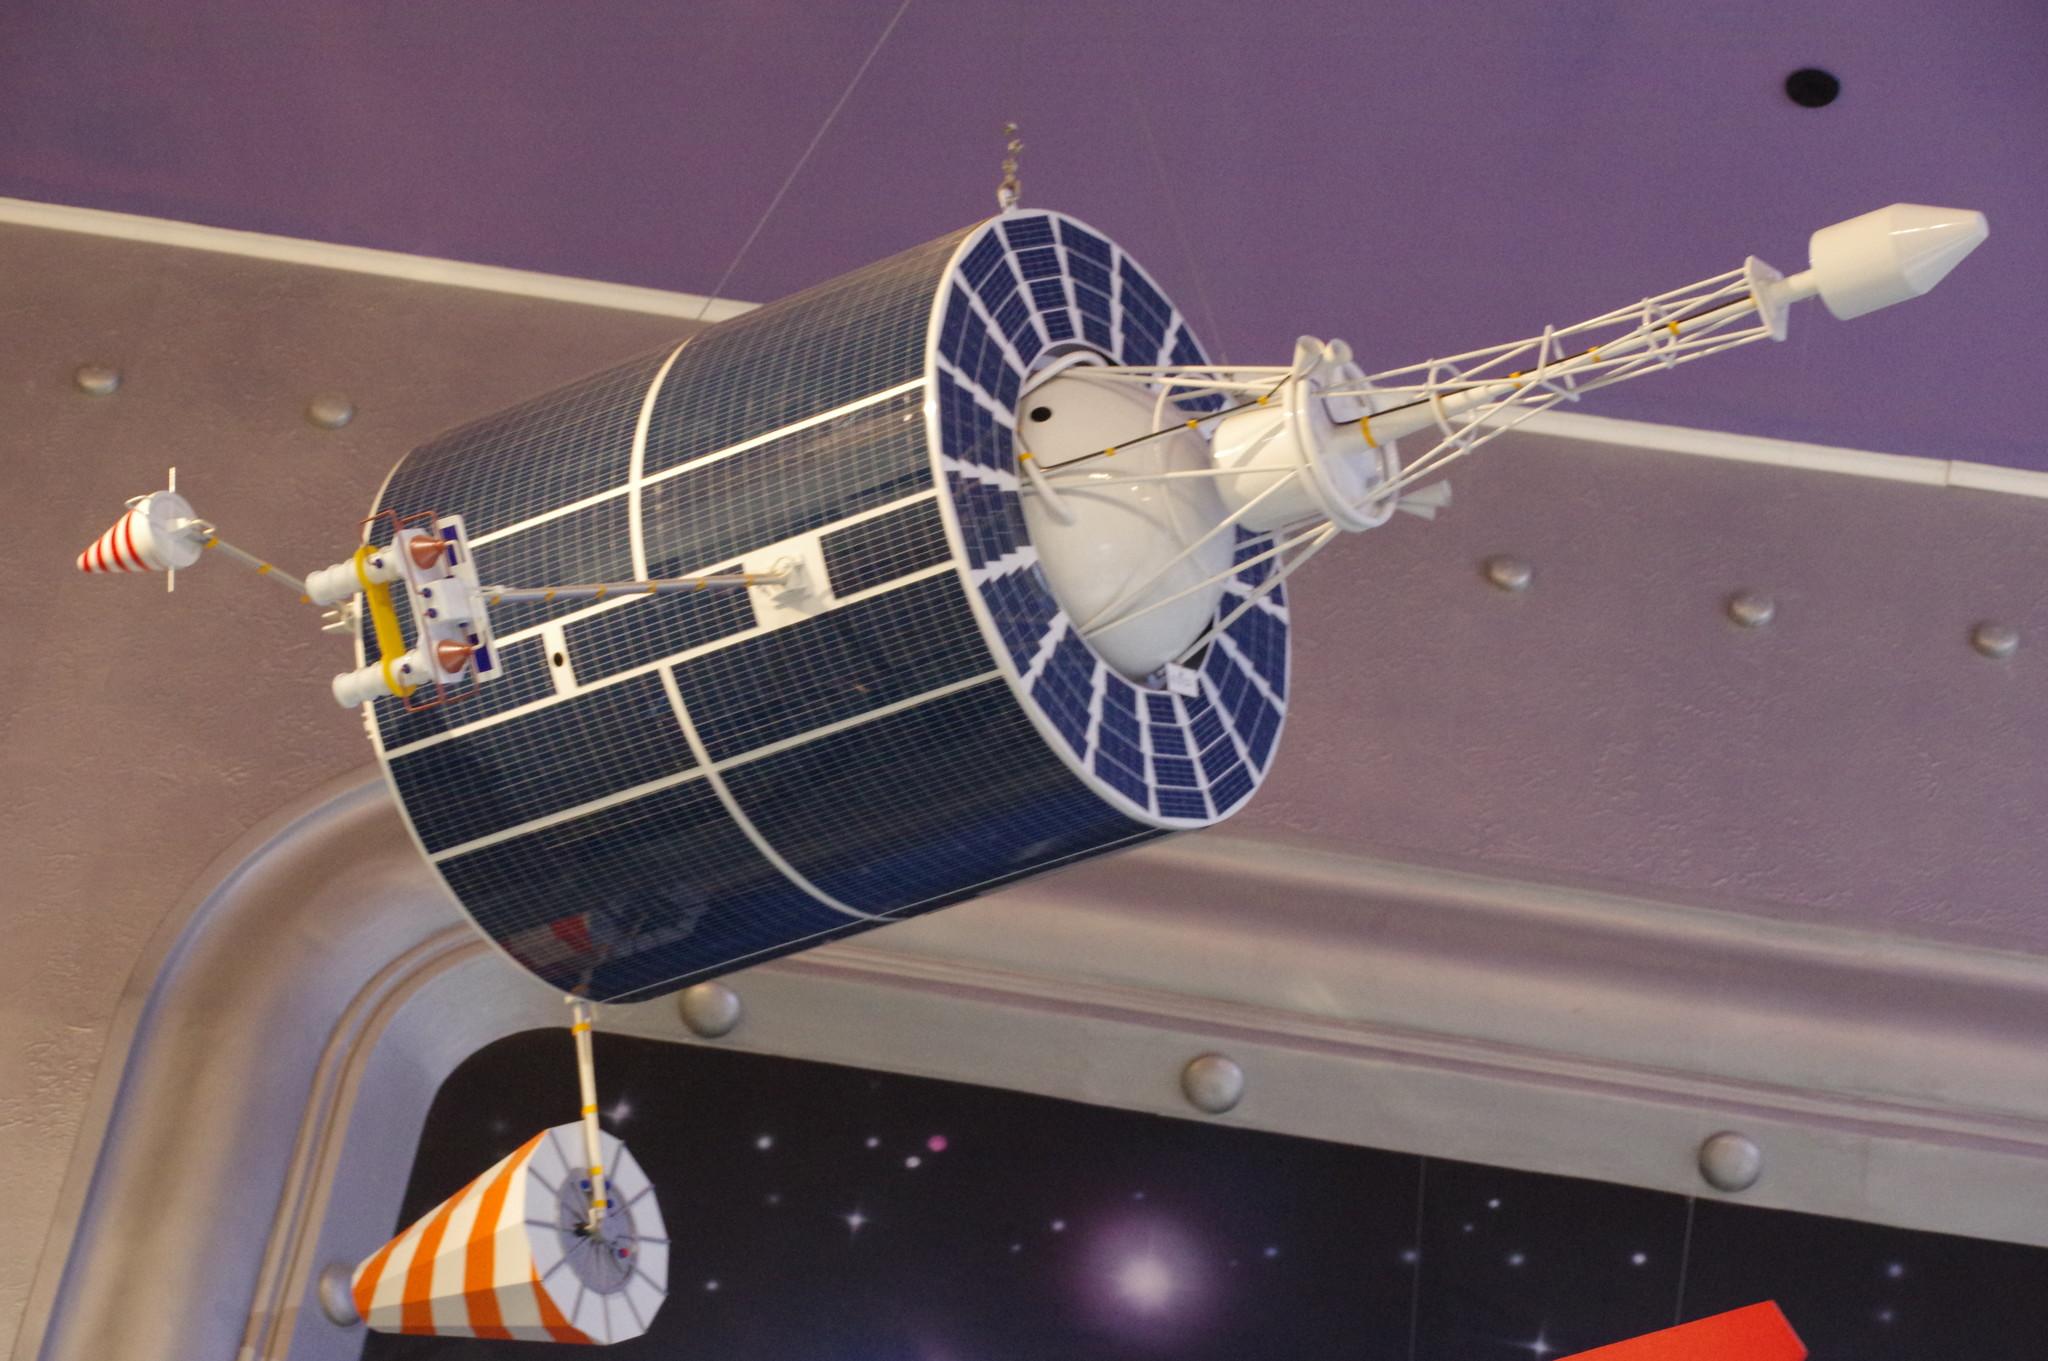 ИСЗ системы «КОСПАС-CAPCAT». 1982 г. Мемориальный музей космонавтики (Проспект мира, дом 111)